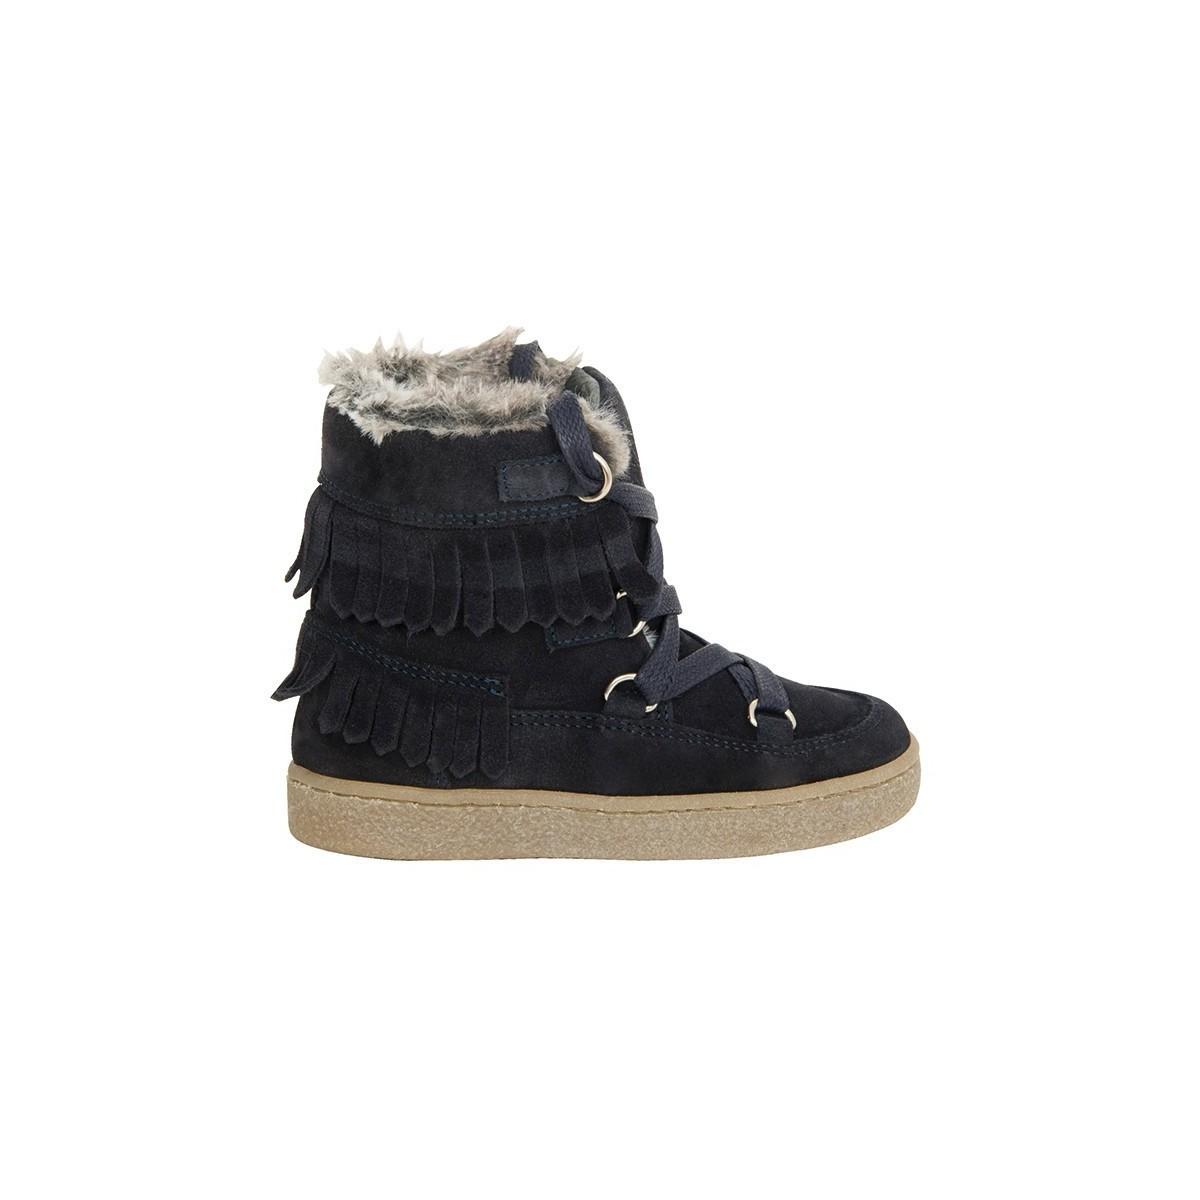 Boots Marshall peau marine